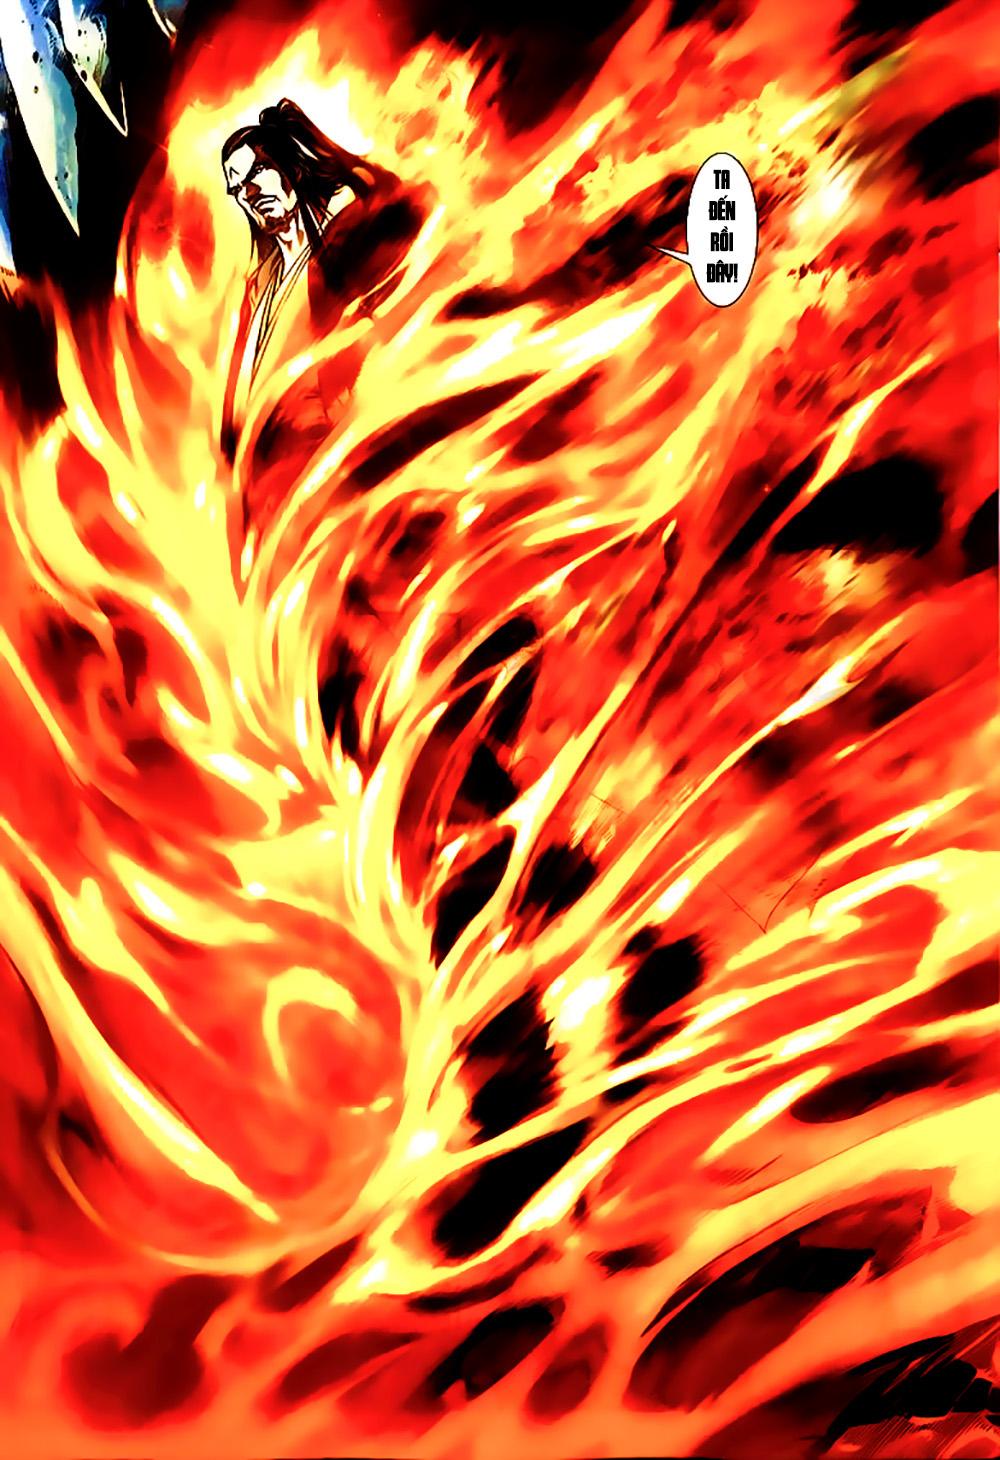 xem truyen moi - BÁT TIÊN ĐẠO - Chapter 30: Ngưu Ma Vương